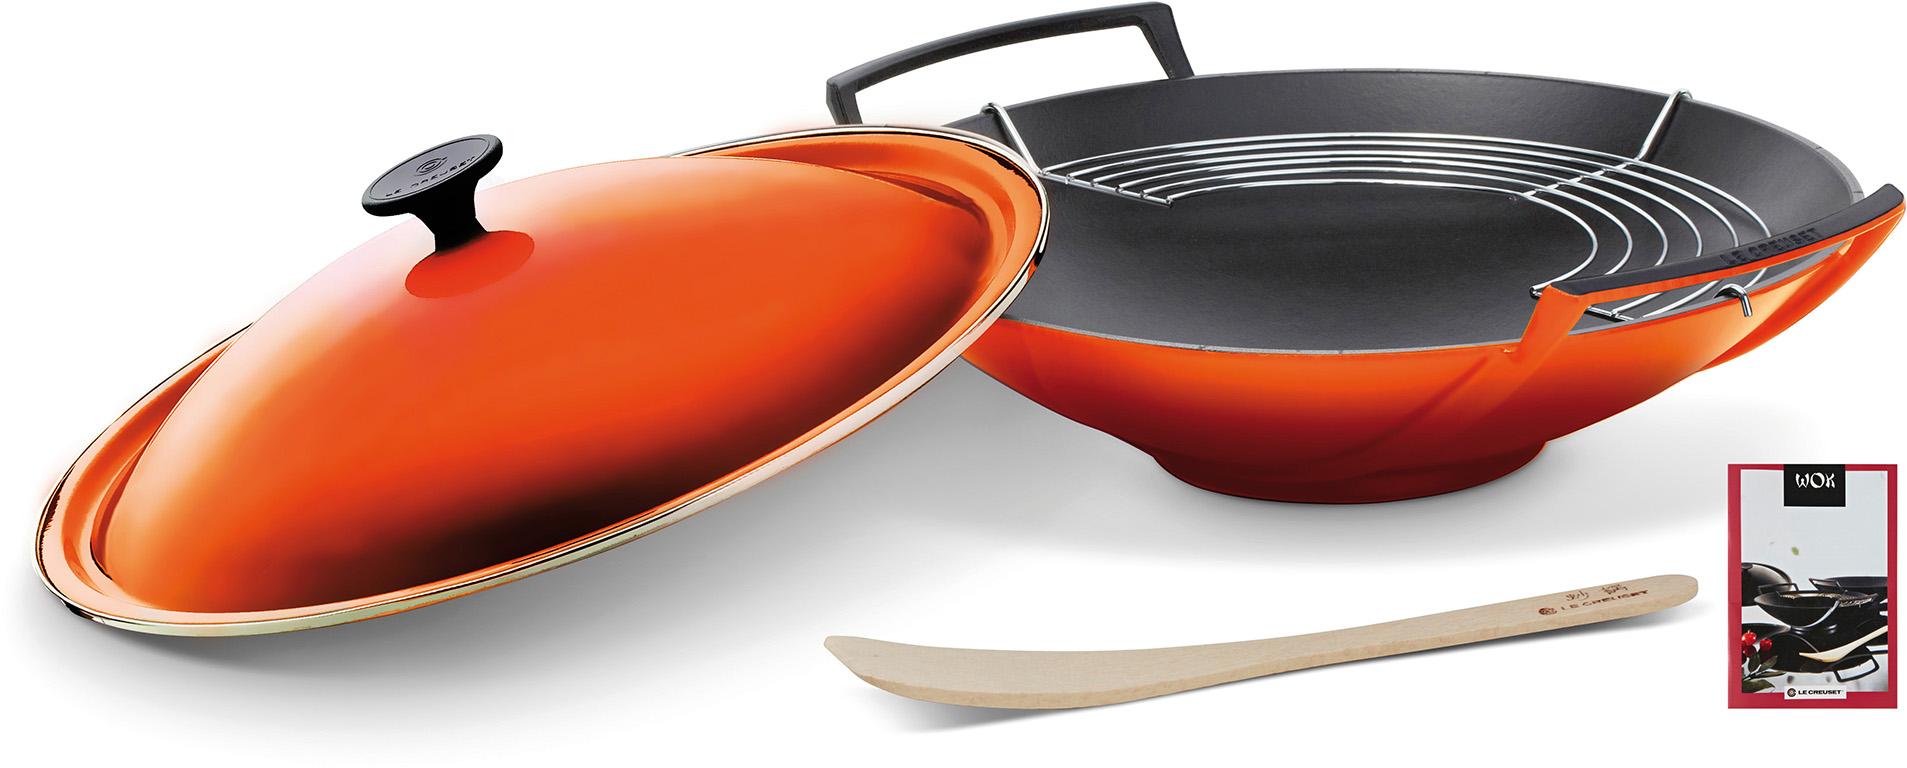 le creuset wok 36 cm 5 tlg ofenrot 26104360900460 tritschler online shop. Black Bedroom Furniture Sets. Home Design Ideas